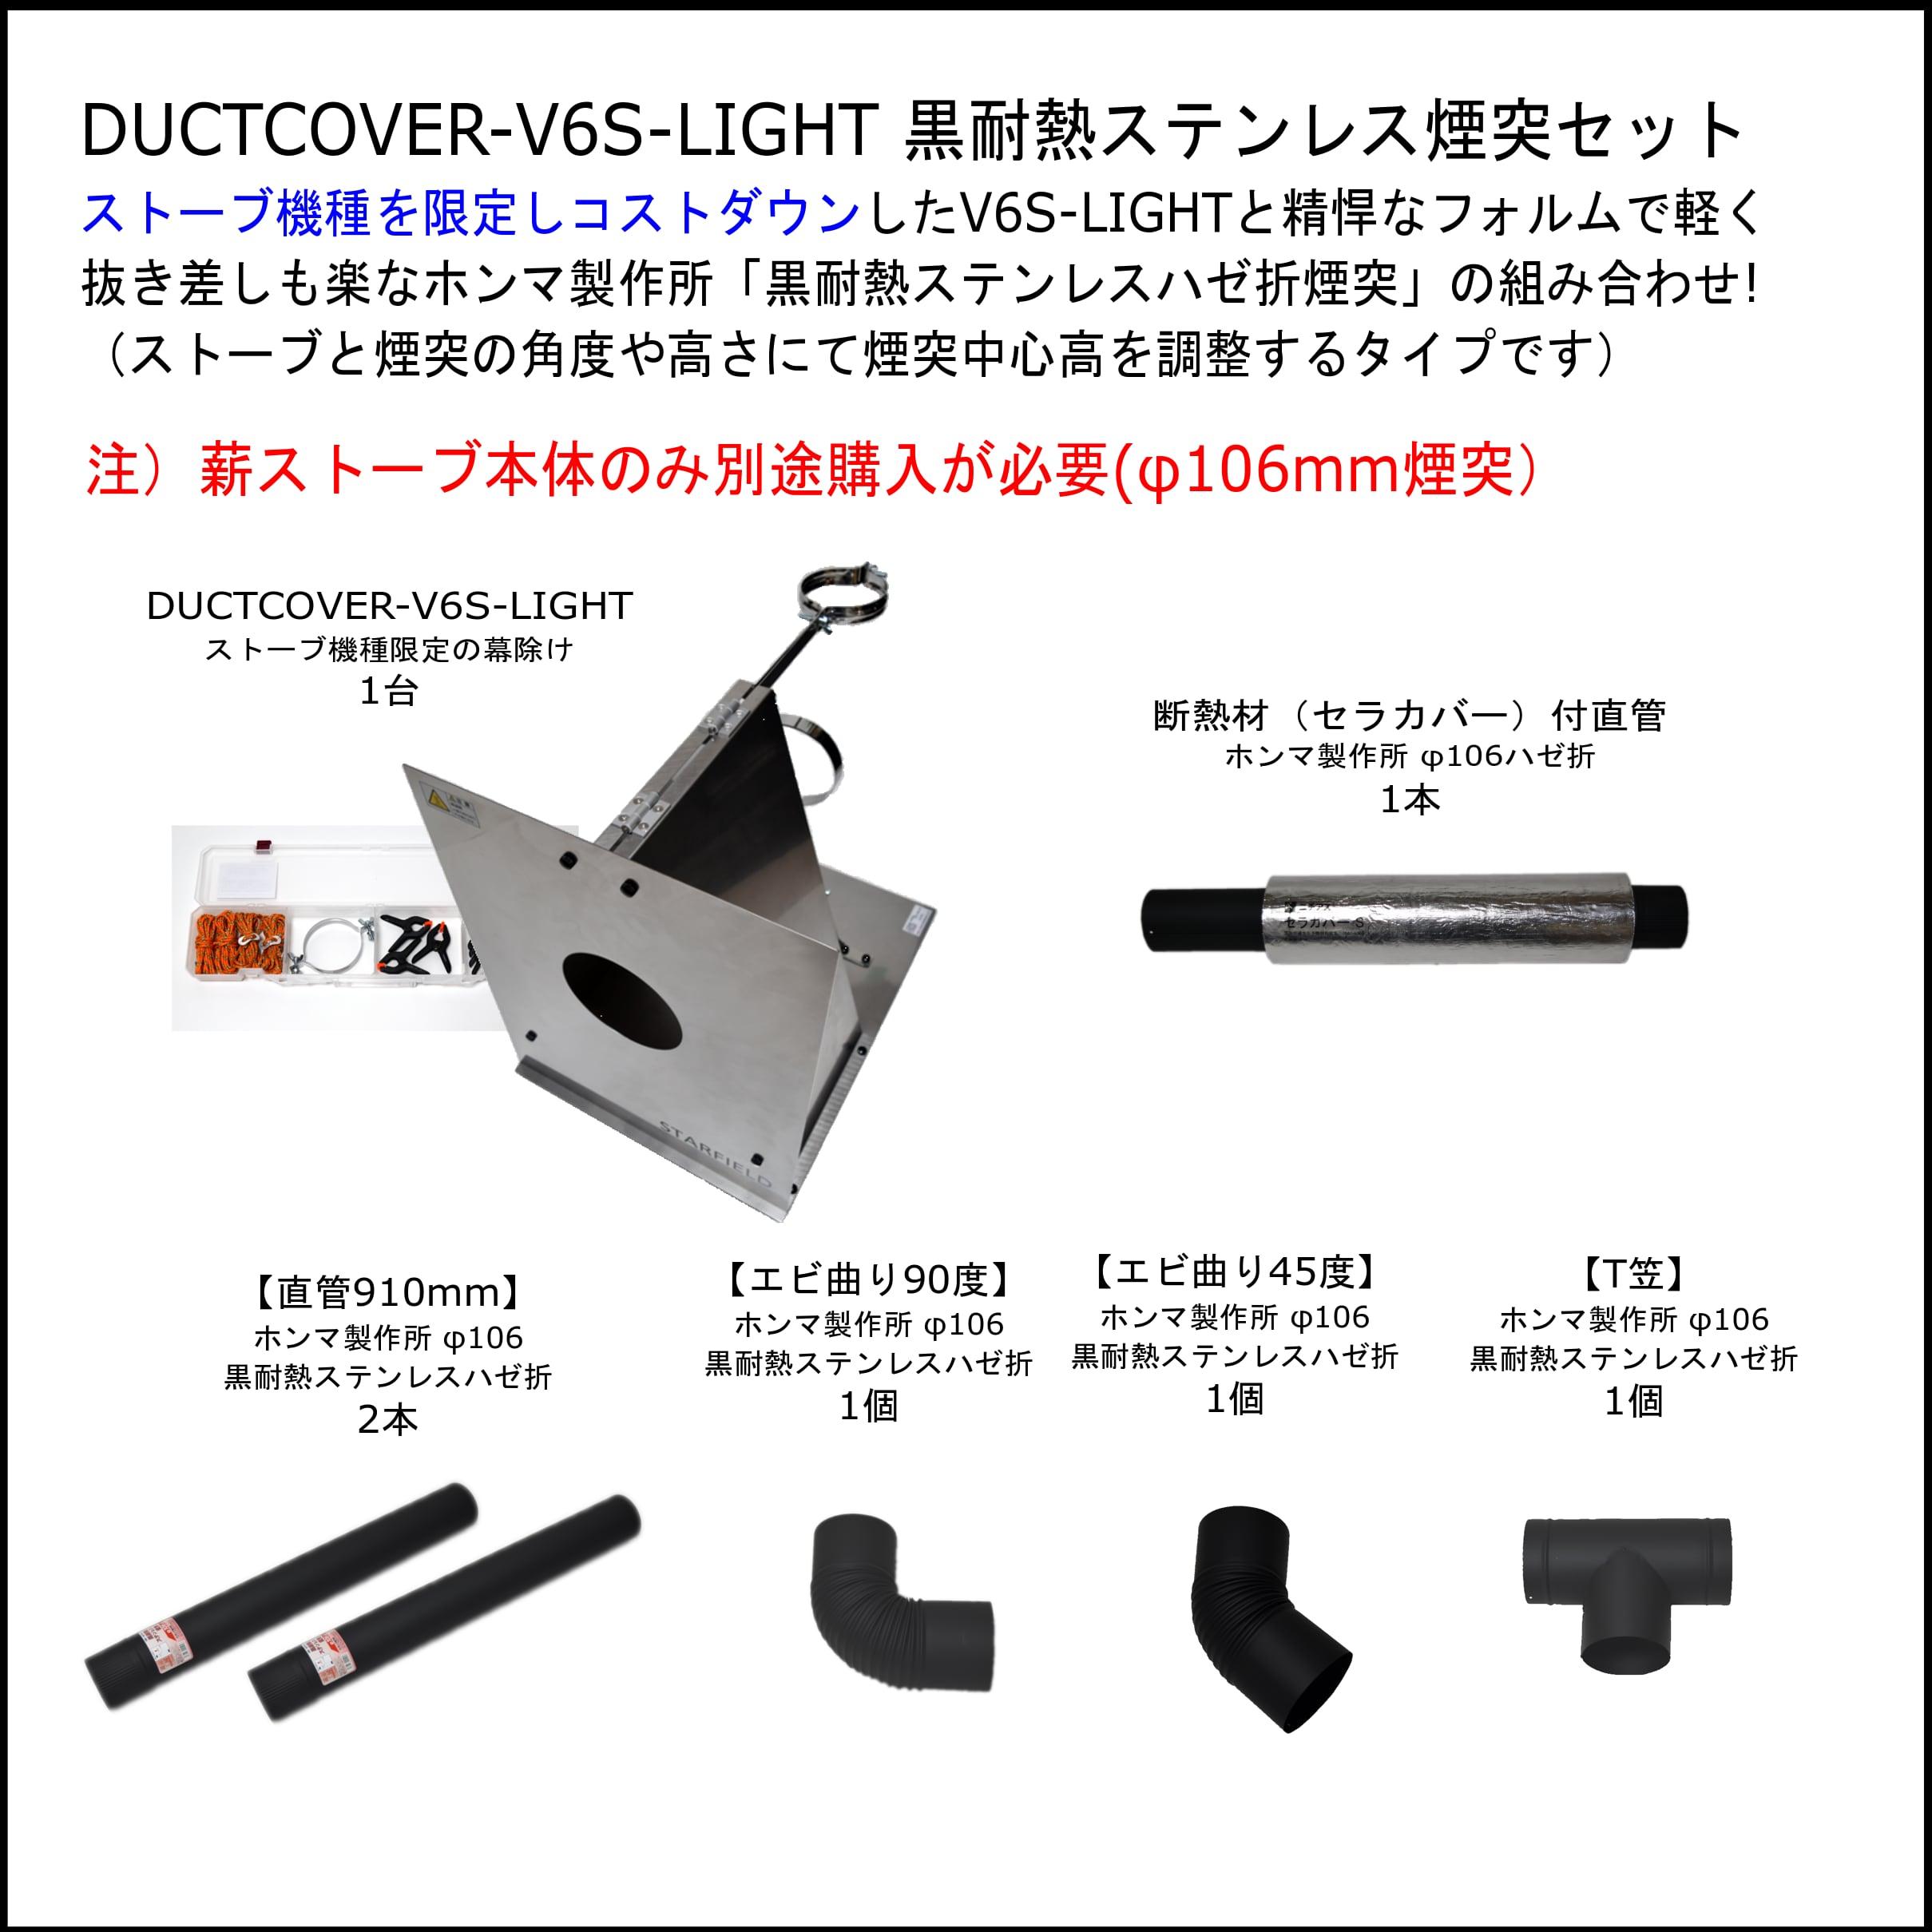 「煙突キャンプ幕除け+煙突セット 」V6S-LIGHT-R3(ステンレス幕除け+黒耐熱煙突仕様)